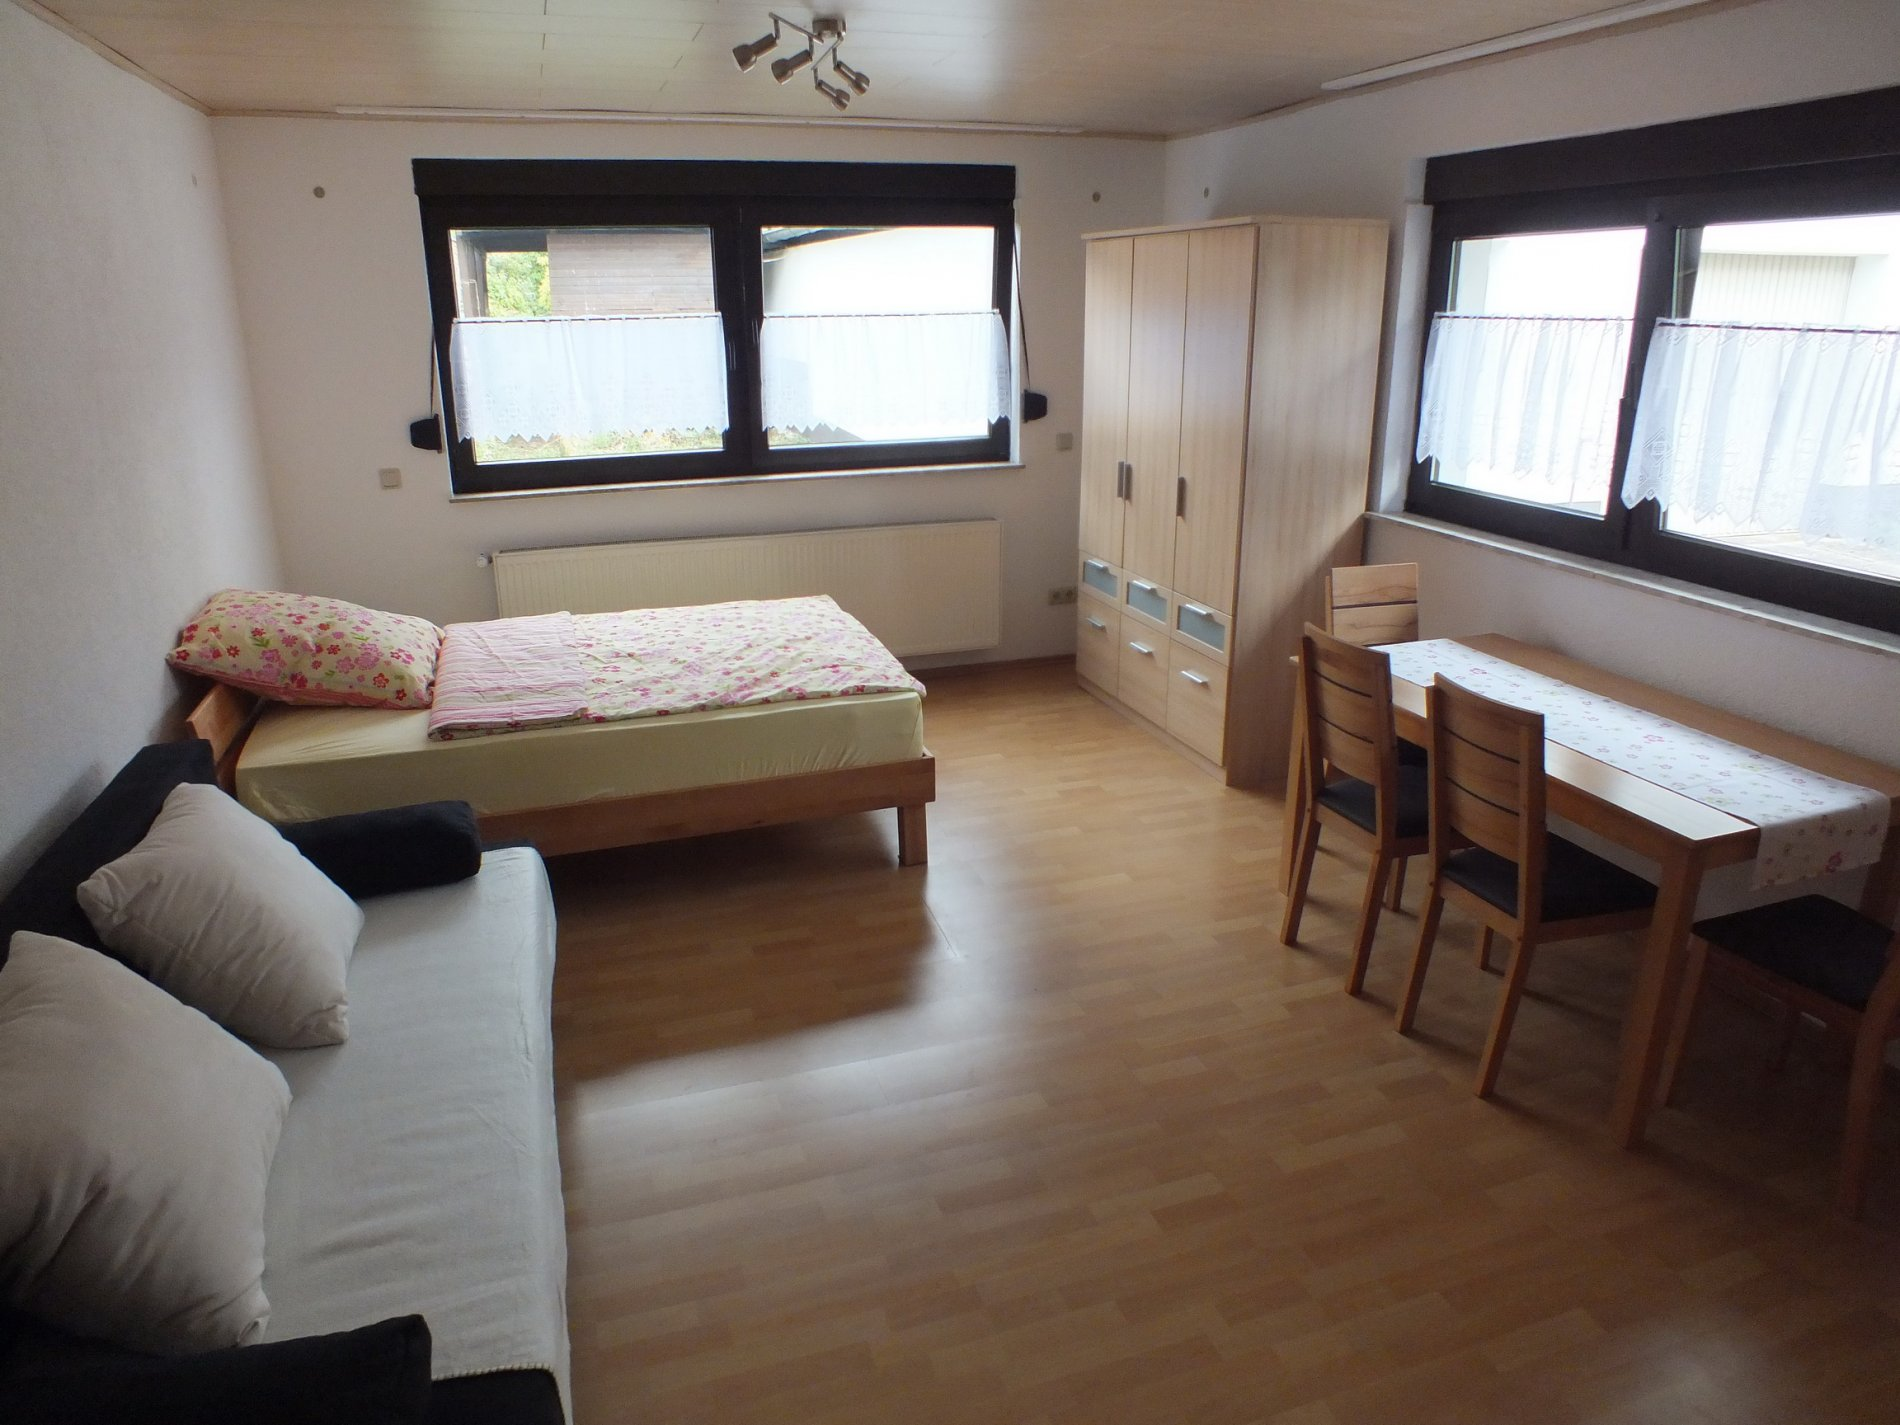 Schlafzimmer mit Einzelbett, Couch, Kleiderschrank und einem Tisch mit drei Stühlen